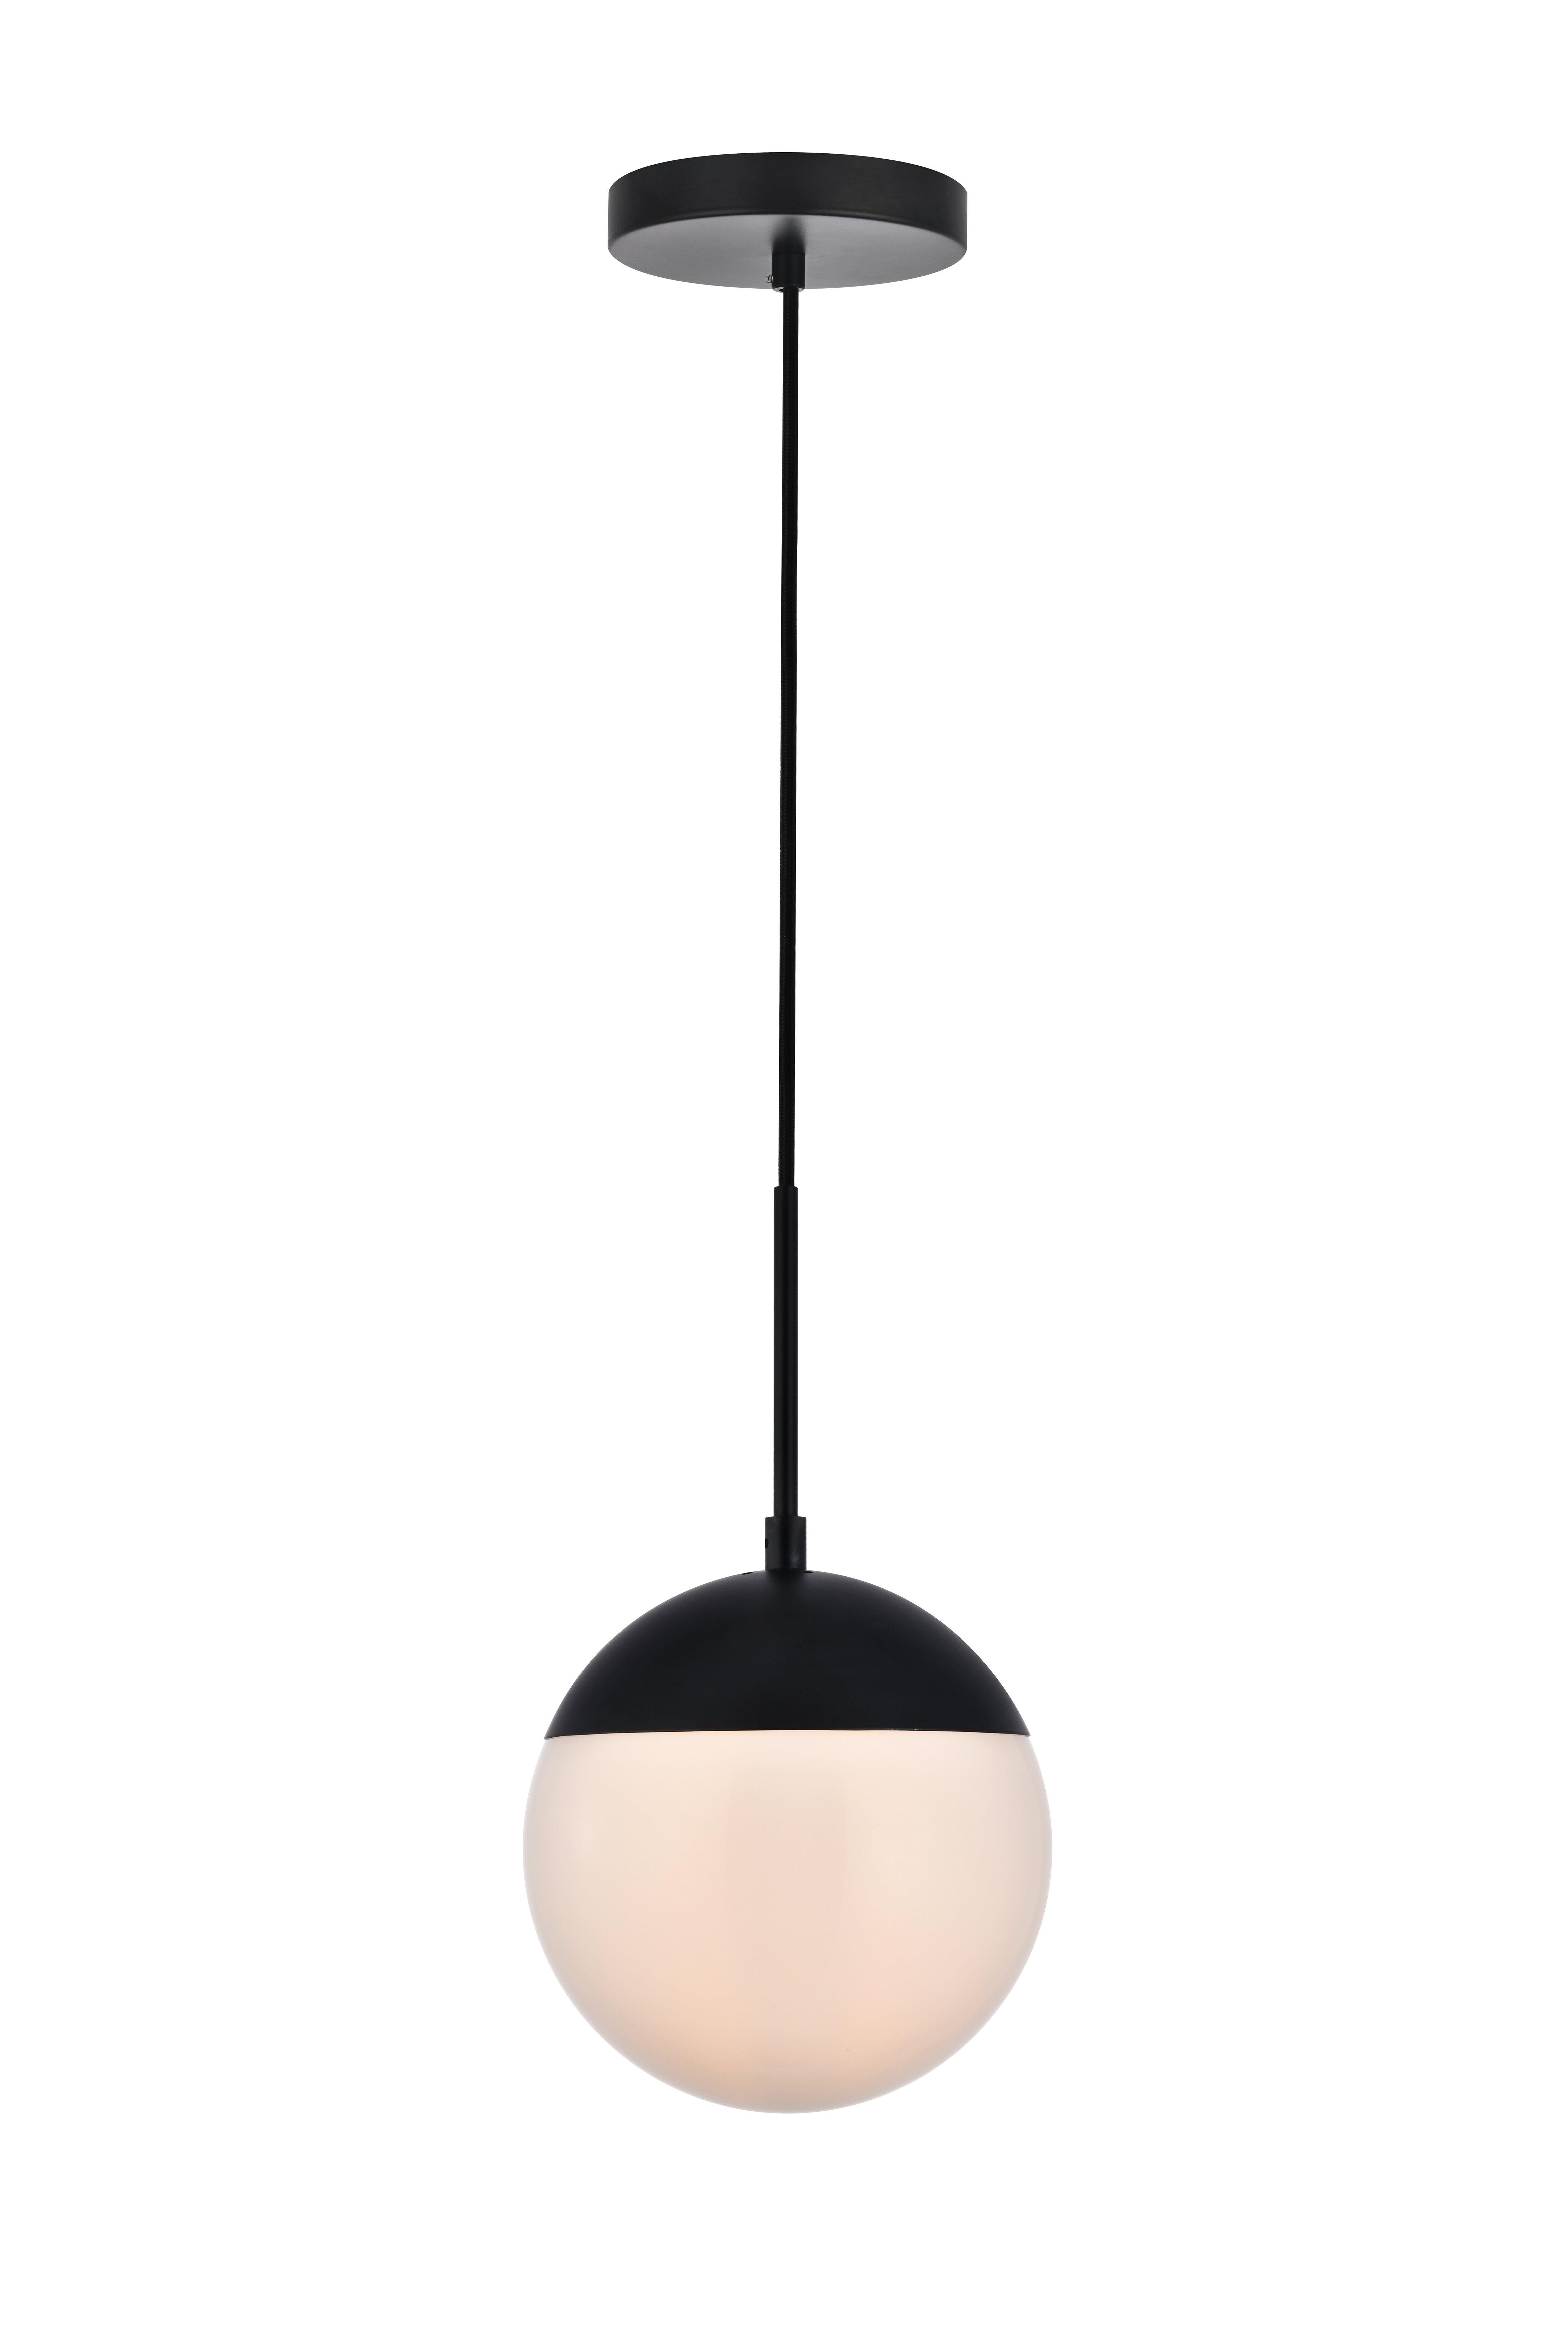 Mercury Row Yearby 1 Light Single Globe Pendant Reviews Wayfair